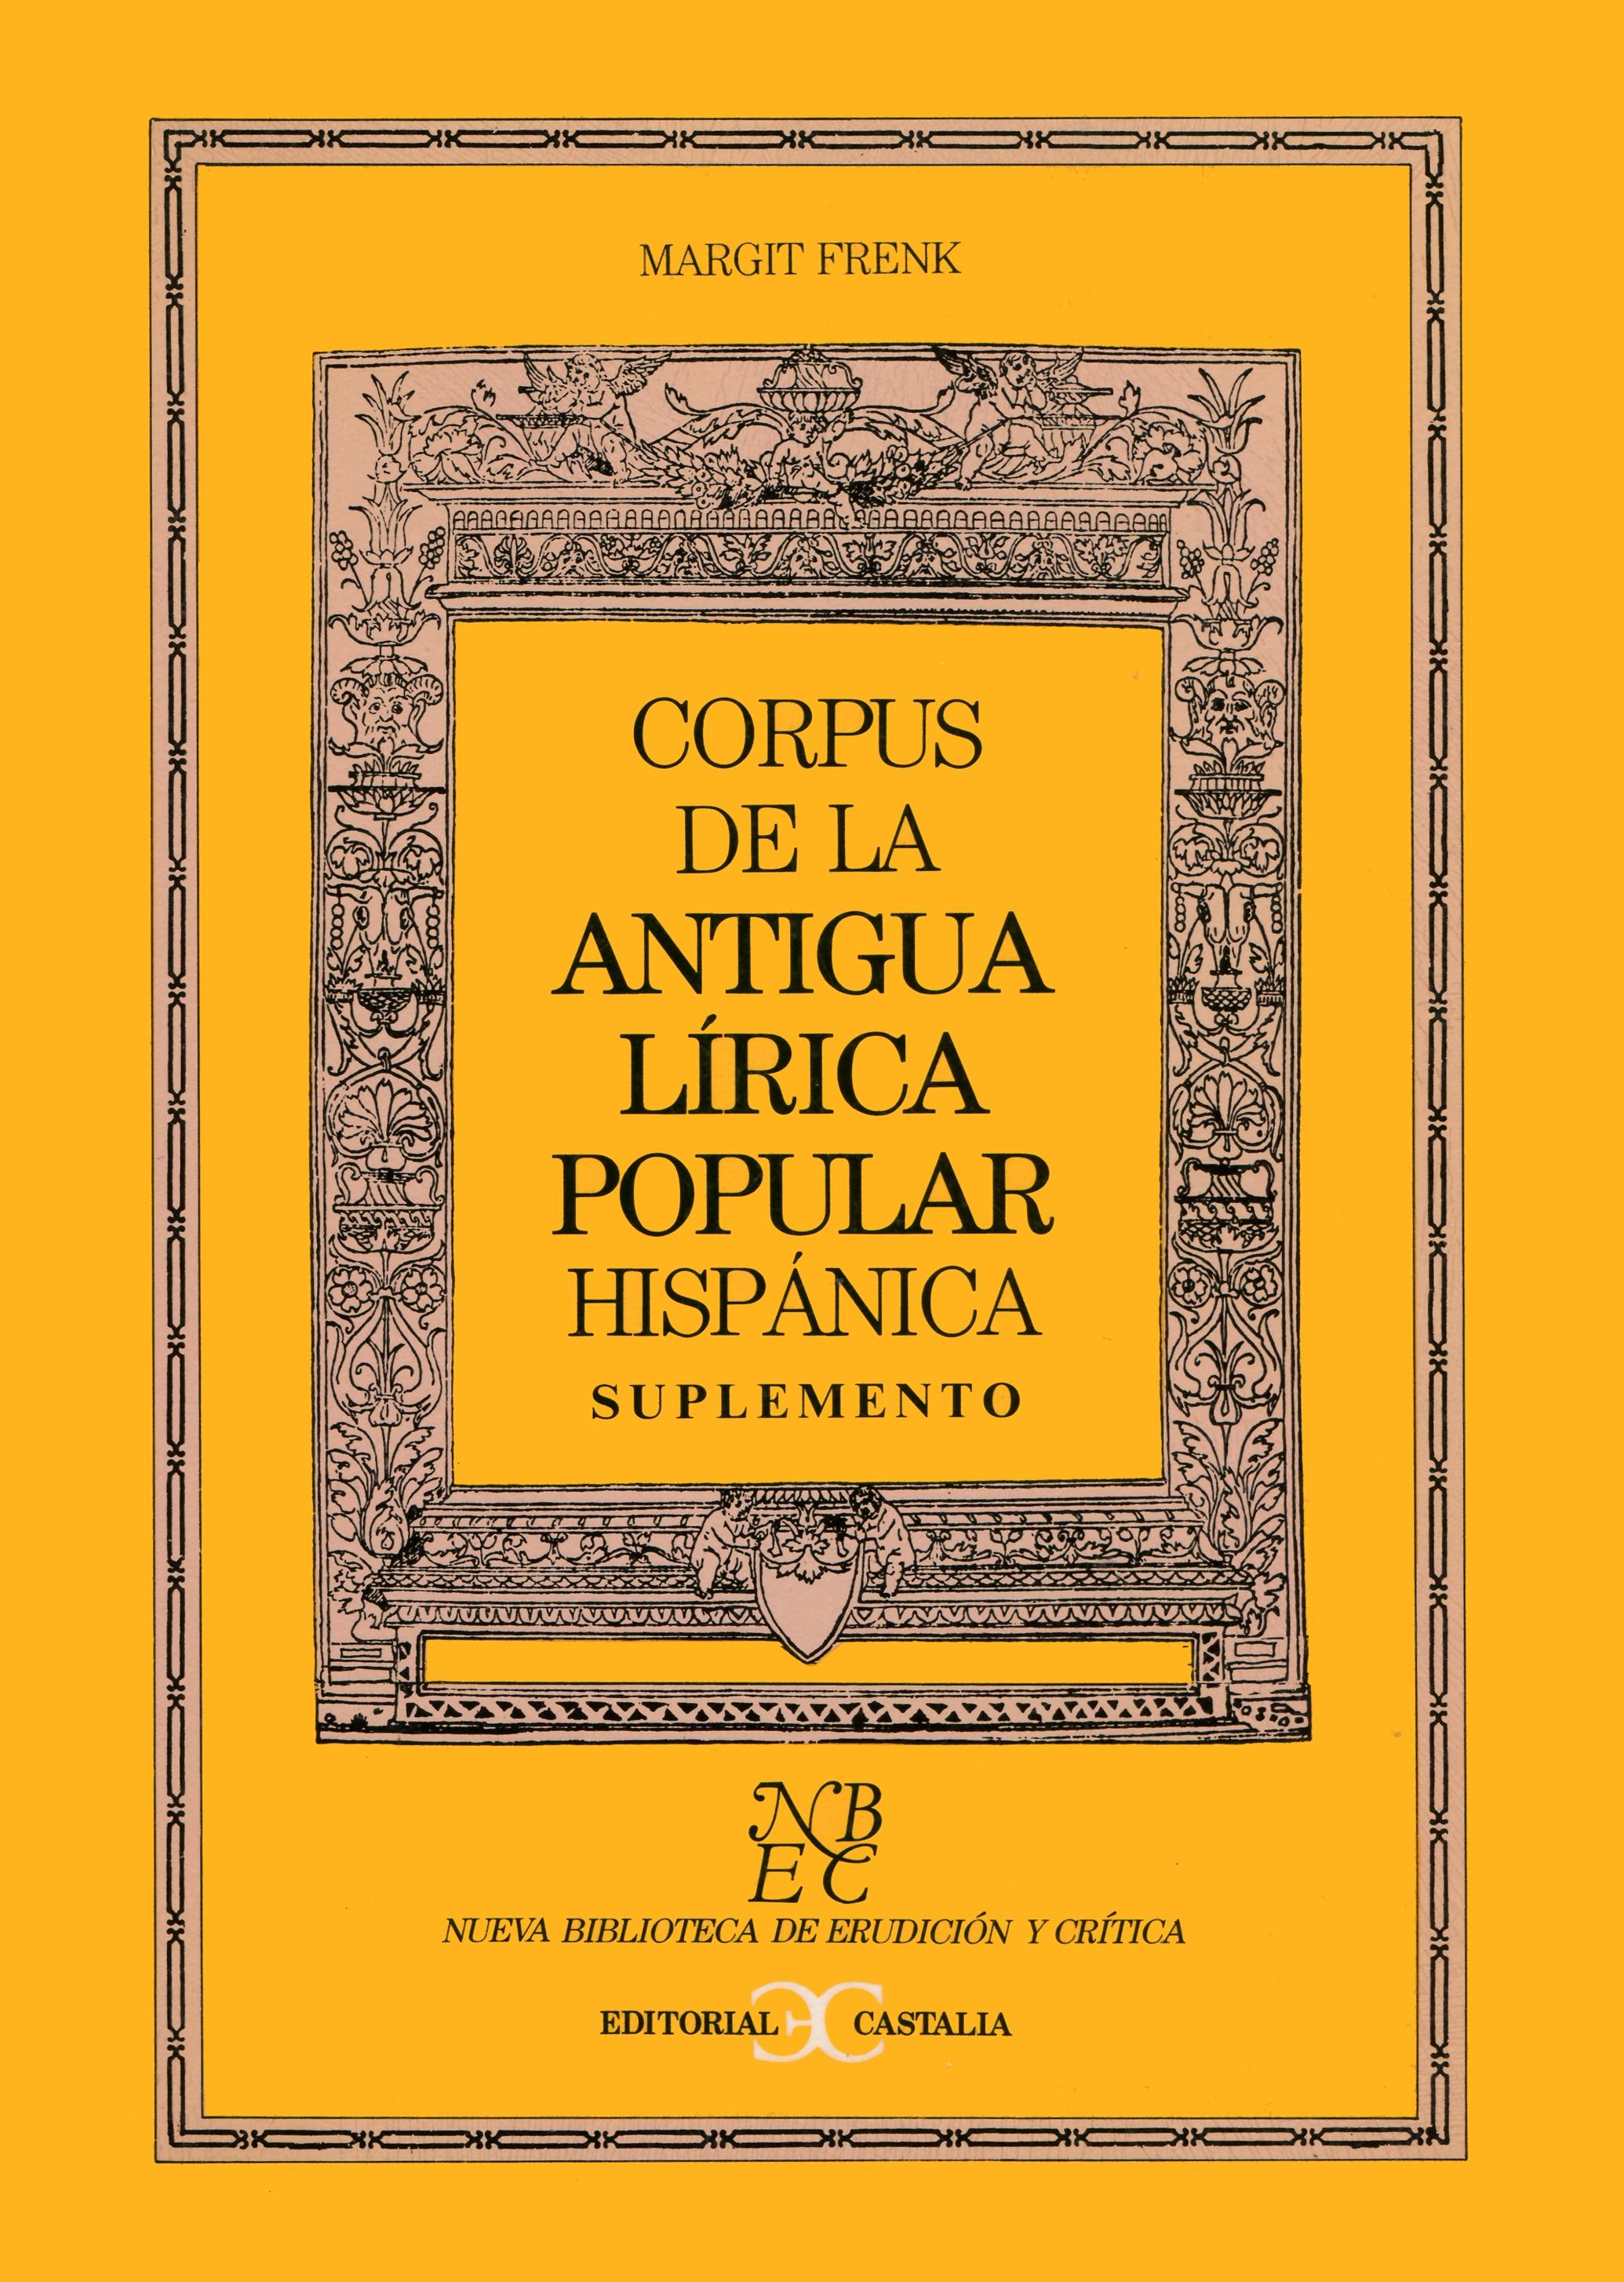 Corpus de la antigua lírica popular hispánica. Suplemento